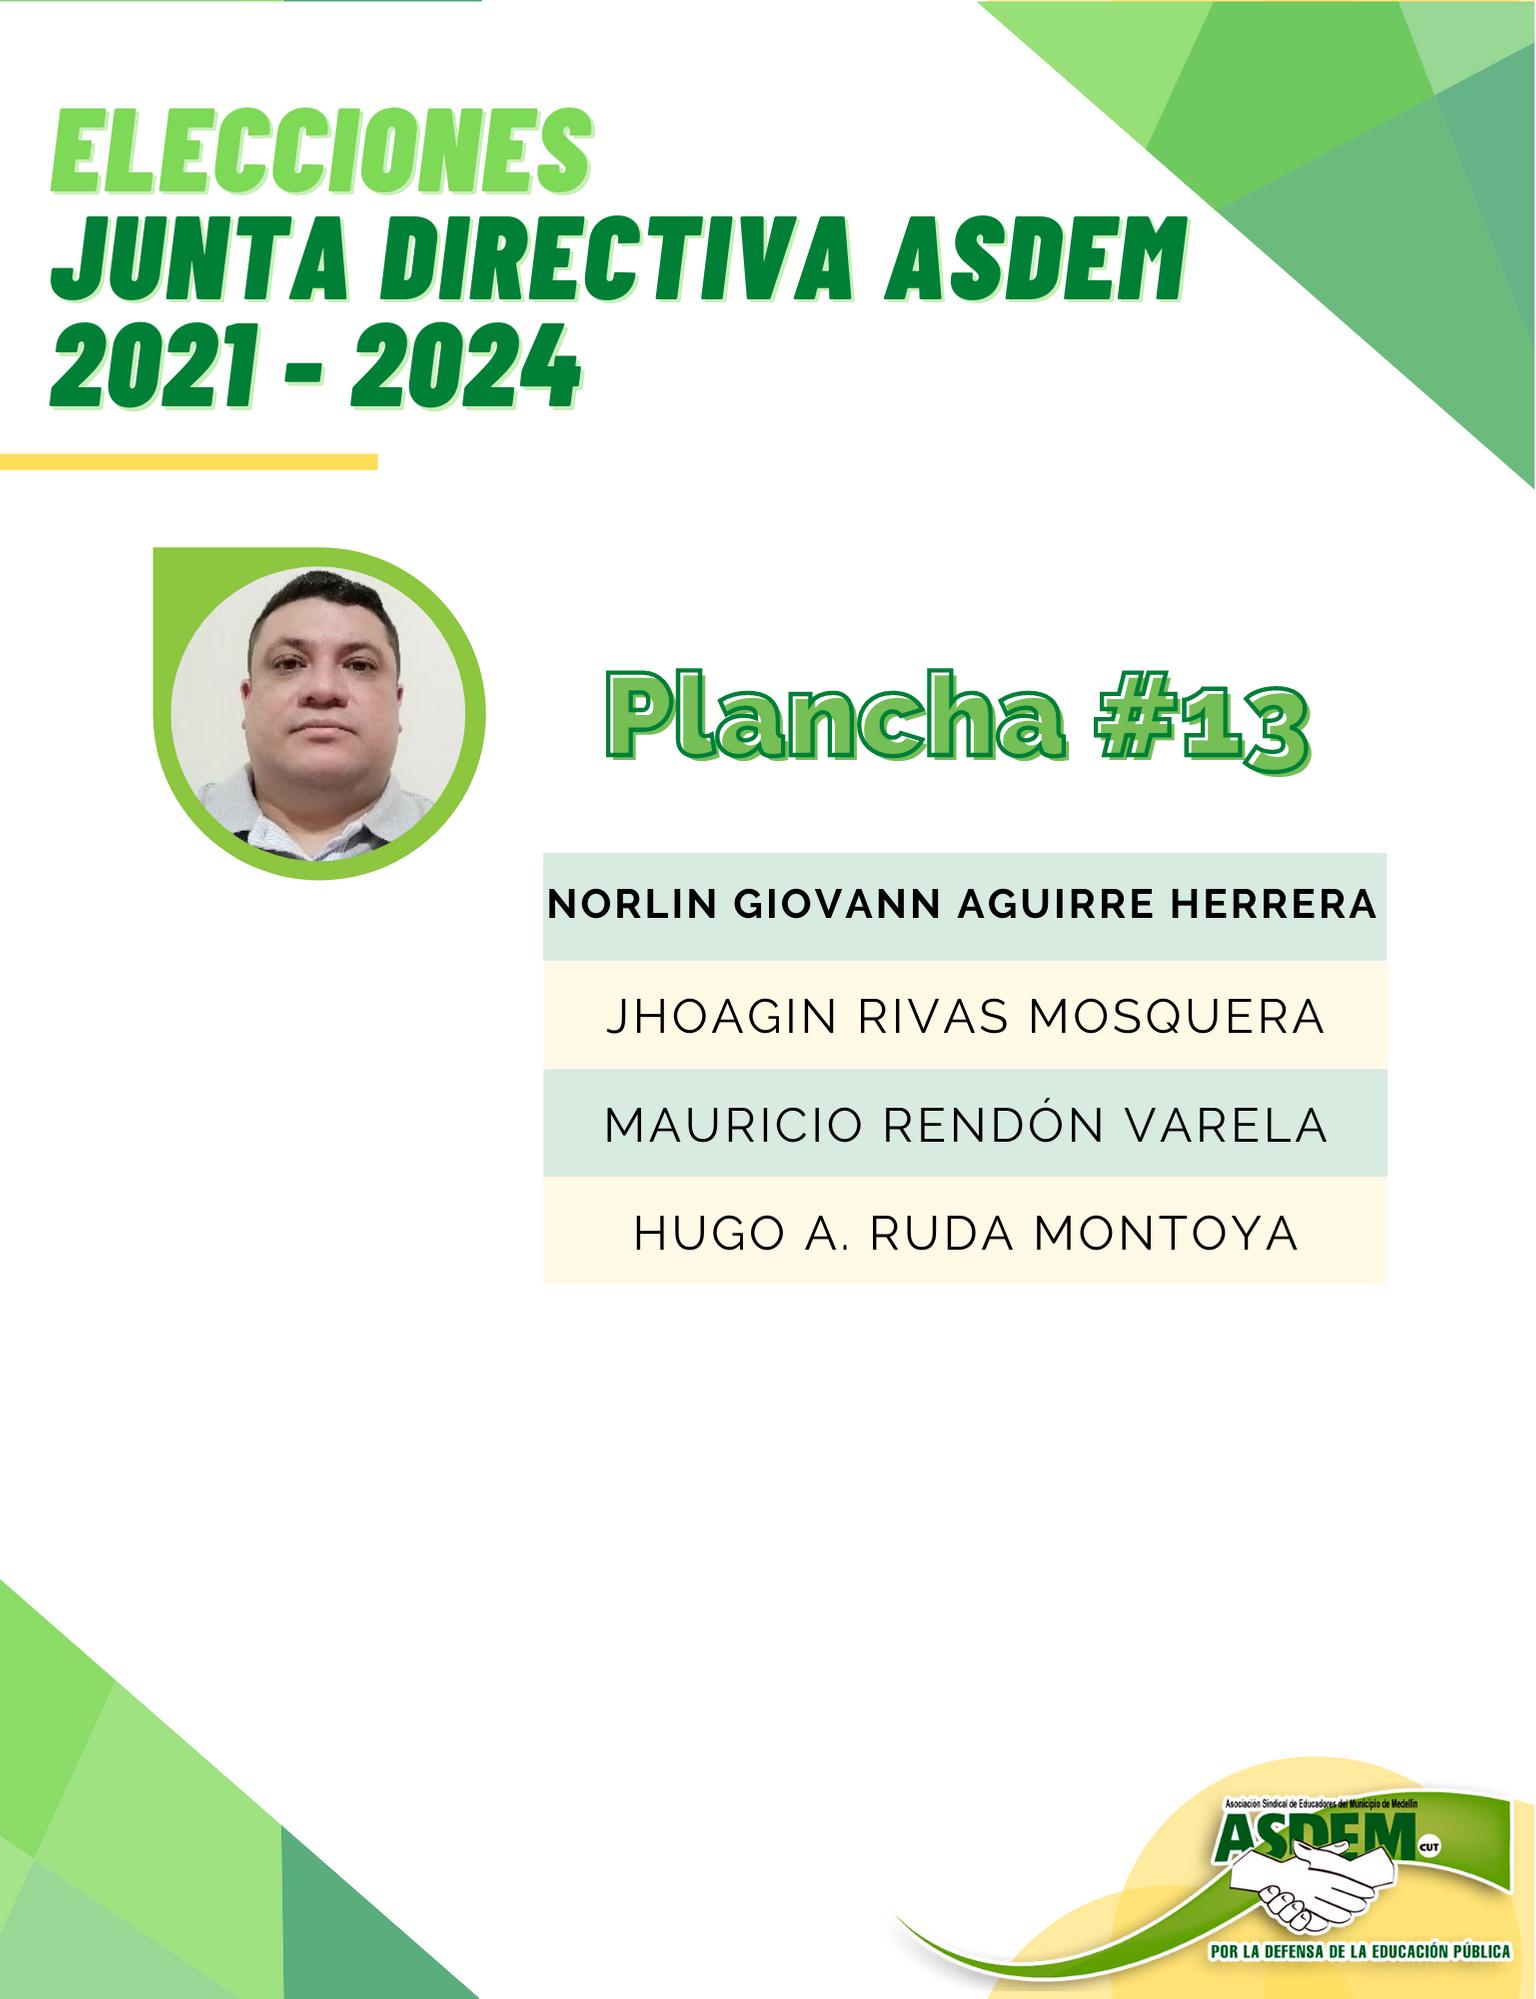 PLANCHA (13)